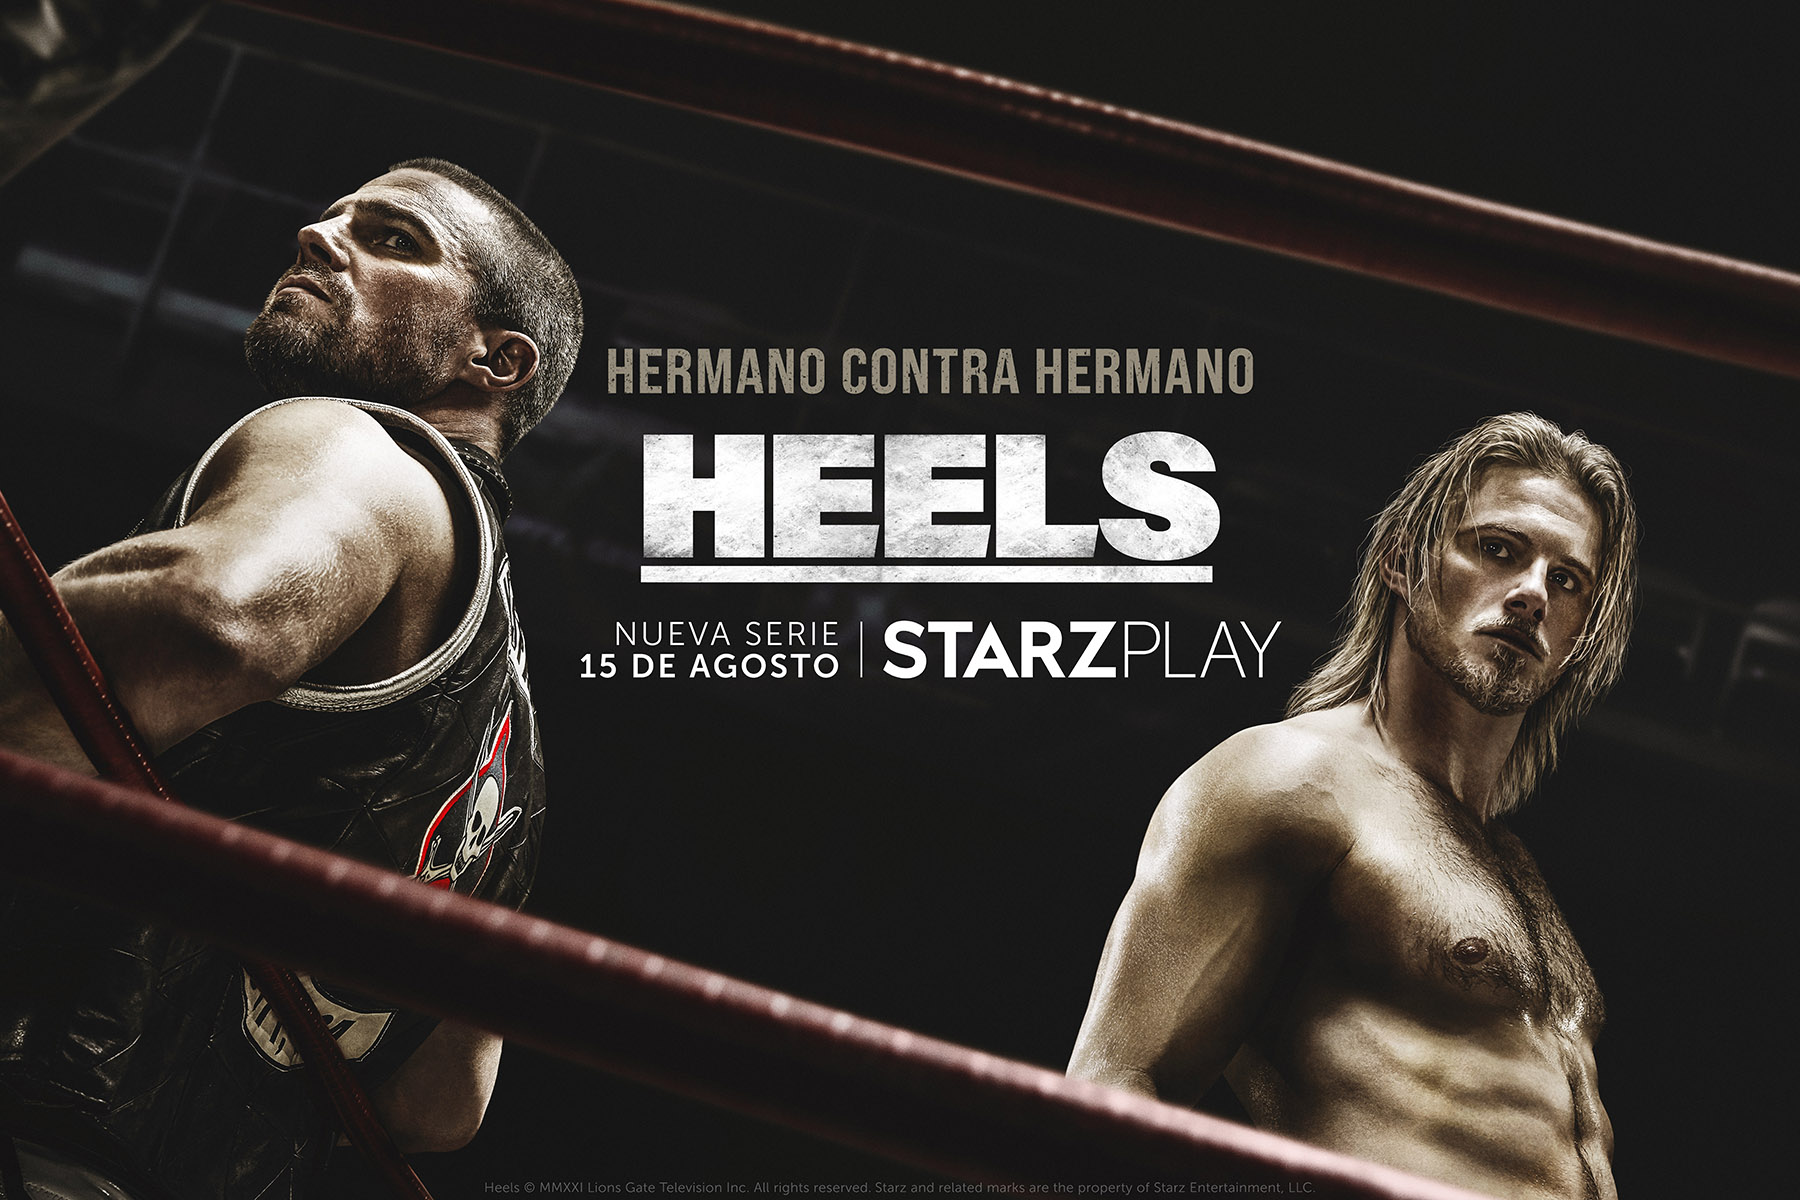 Starzplay lanza el trailer y poster de la serie Heels, un drama de lucha libre que se estrenará este 15 de agosto